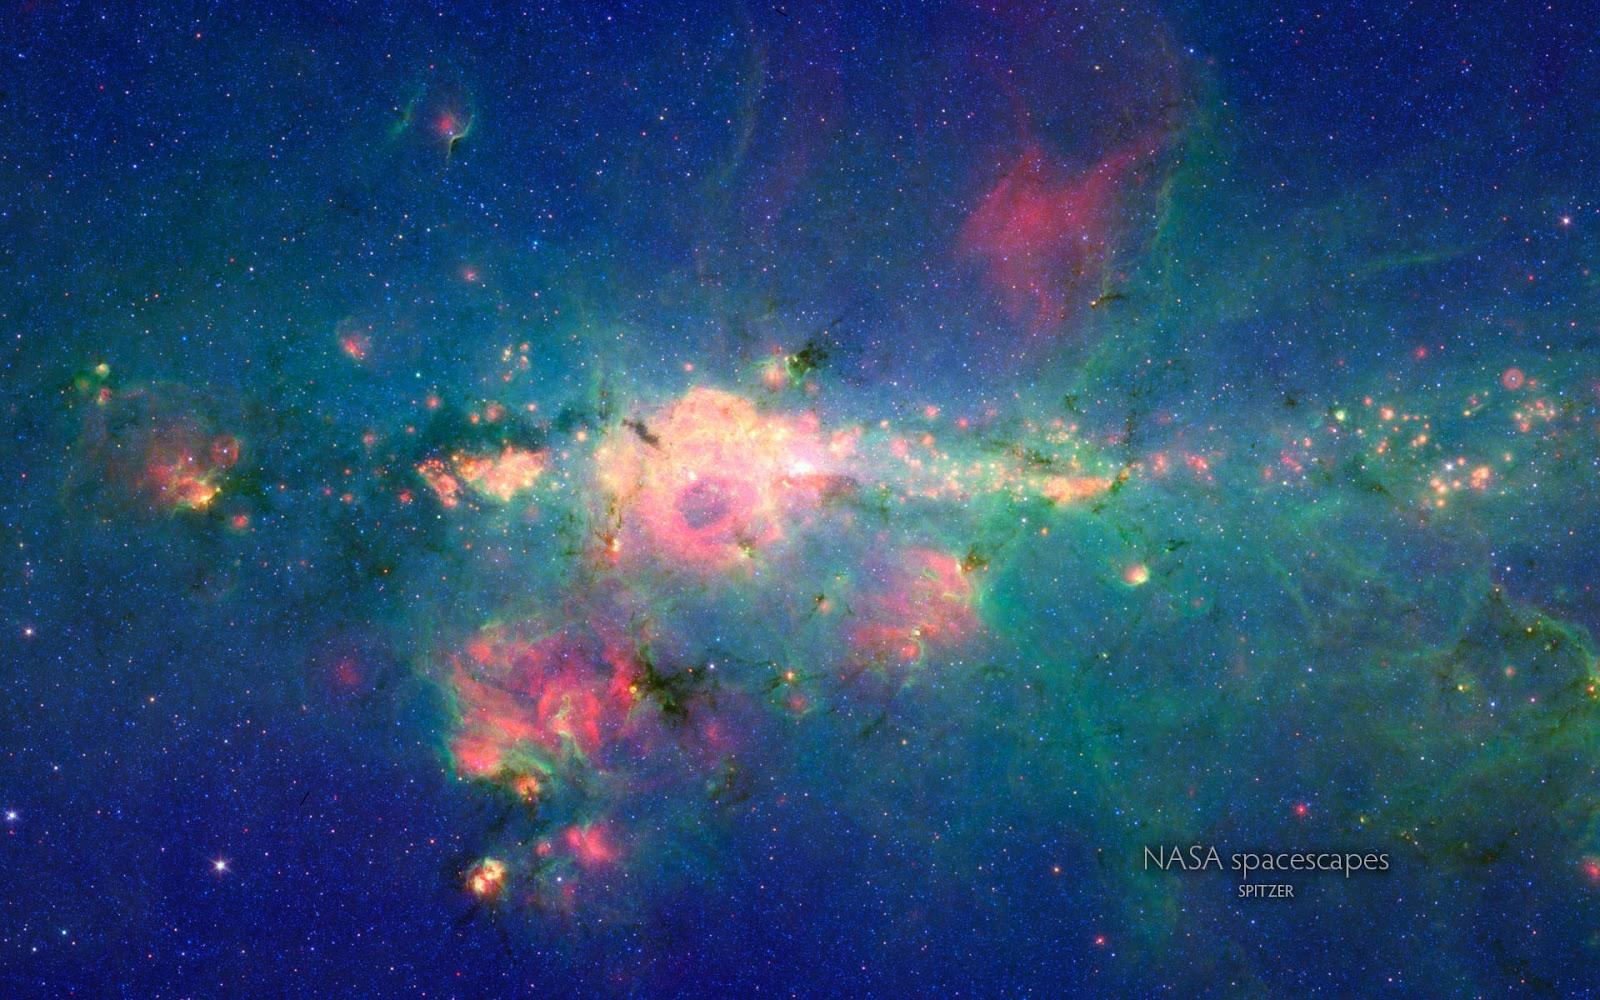 Nasa Spacescapes Wallpaper 1600x1000